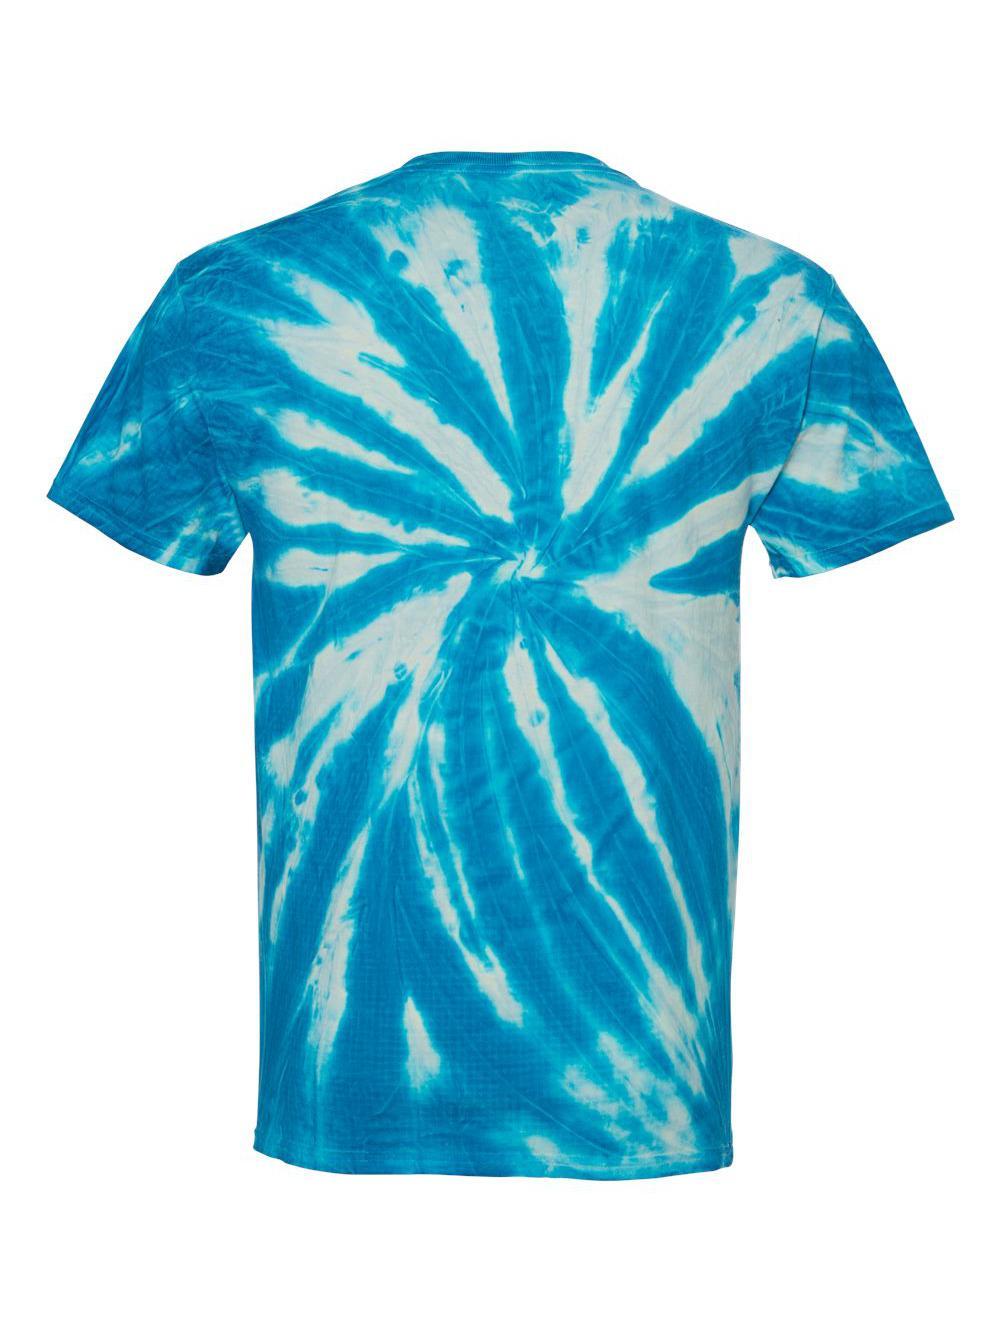 Dyenomite-Glow-in-the-Dark-T-Shirt-200GW thumbnail 7